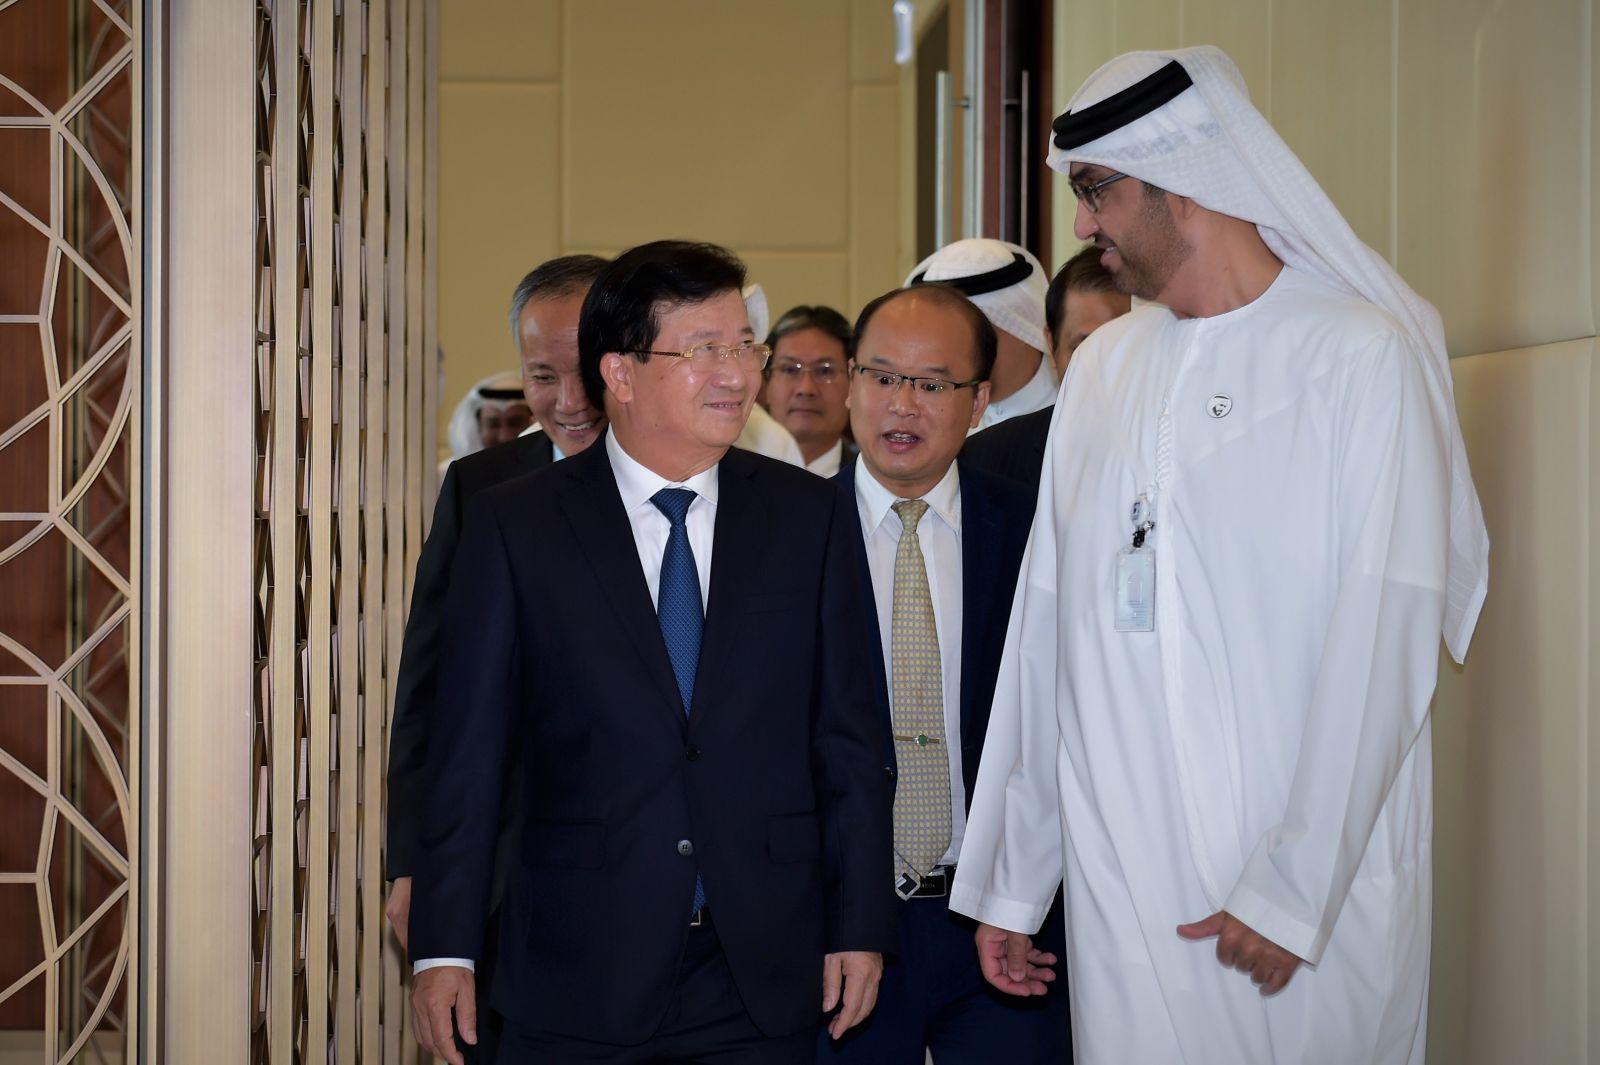 Phó thủ tướng Trịnh Đình Dũng và Quốc vụ khanh phụ trách kinh tế, đầu tư UAE Sultan Bin Ahmed Al Jaber. Ảnh: VGP/Nhật Bắc